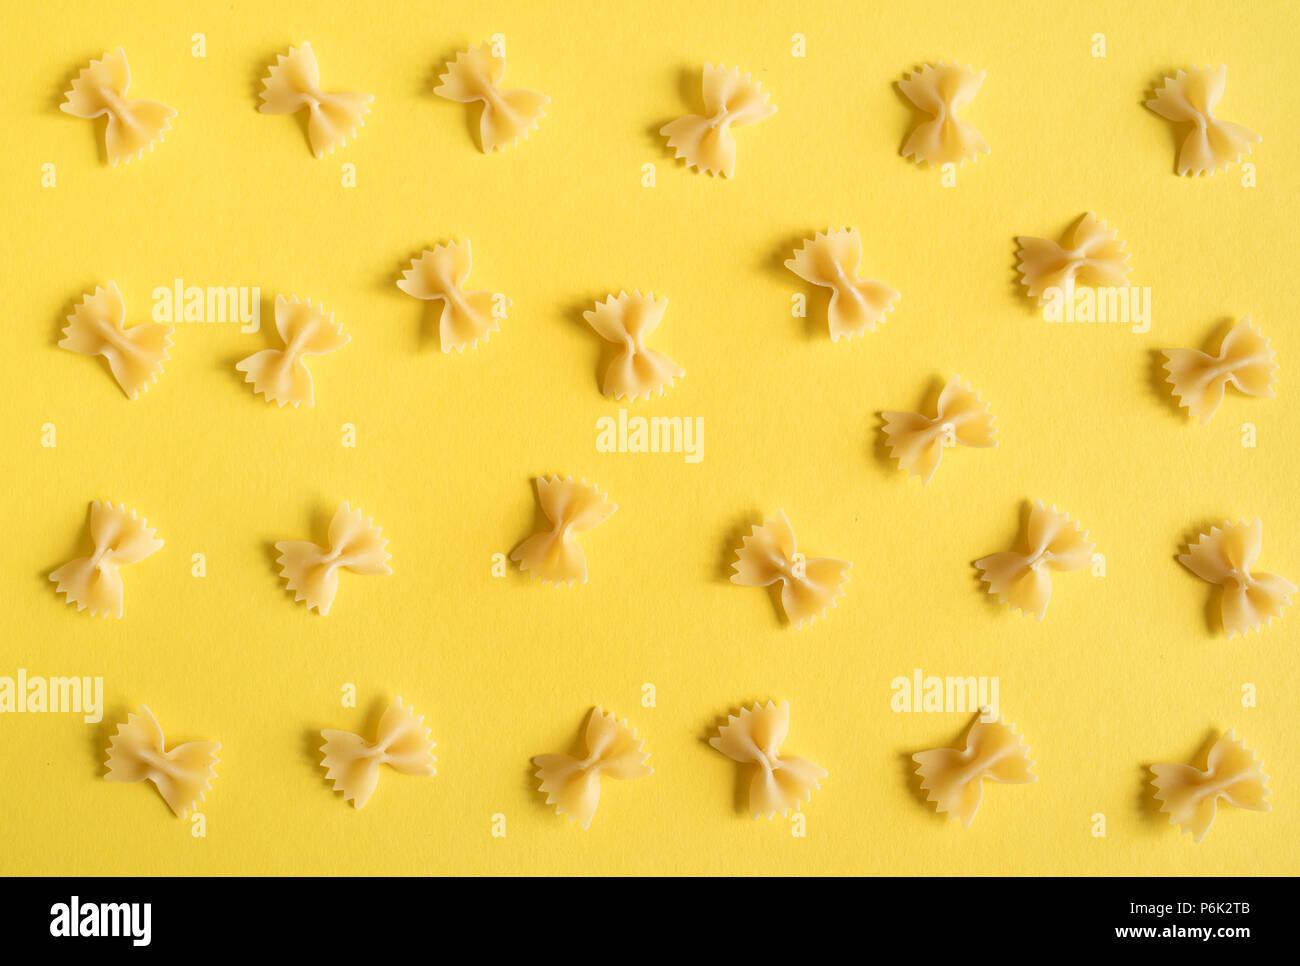 Farfalle Pasta auf gelbem Hintergrund, Ansicht von oben, flach. Stockfoto